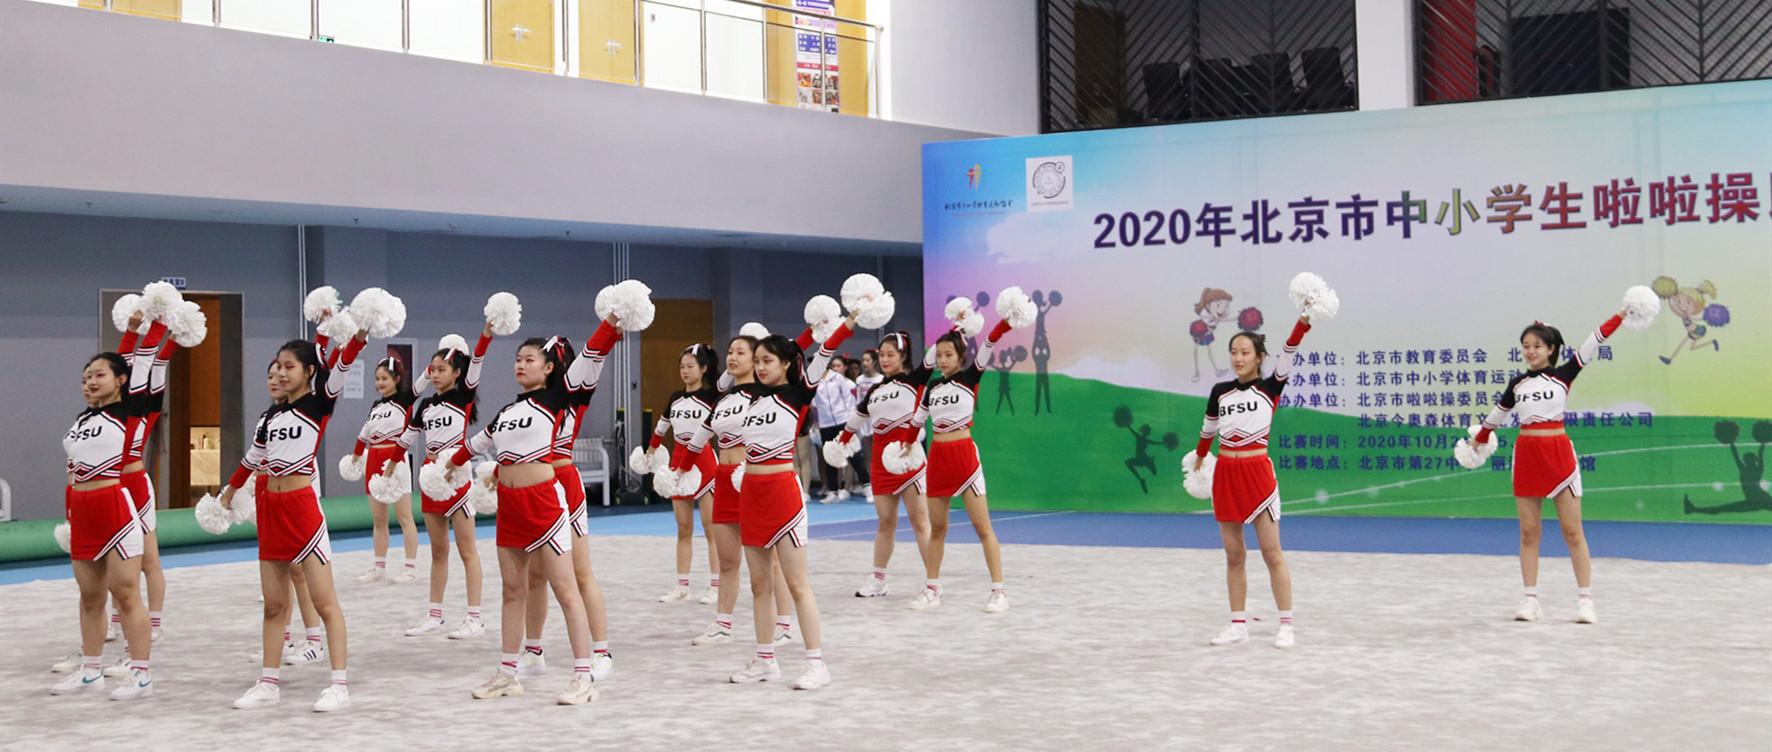 为校争光 ∣ 我校17名同学参加2020年北京市中小学啦啦操花球高中组比赛